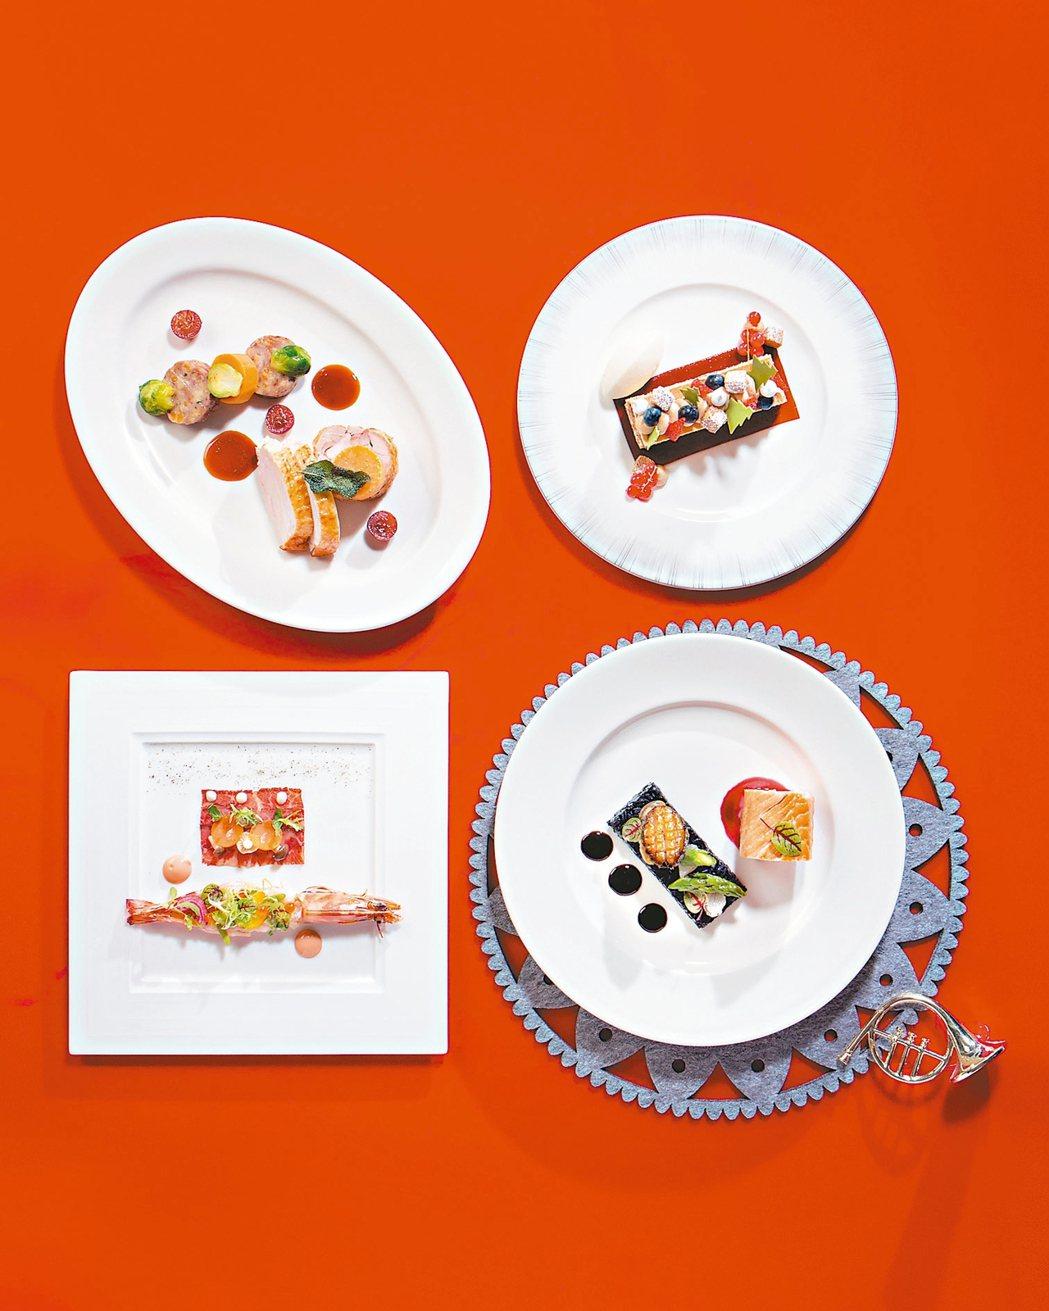 君悅酒店義式料理Ziga Zaga用新式手法演繹傳統烤火雞。